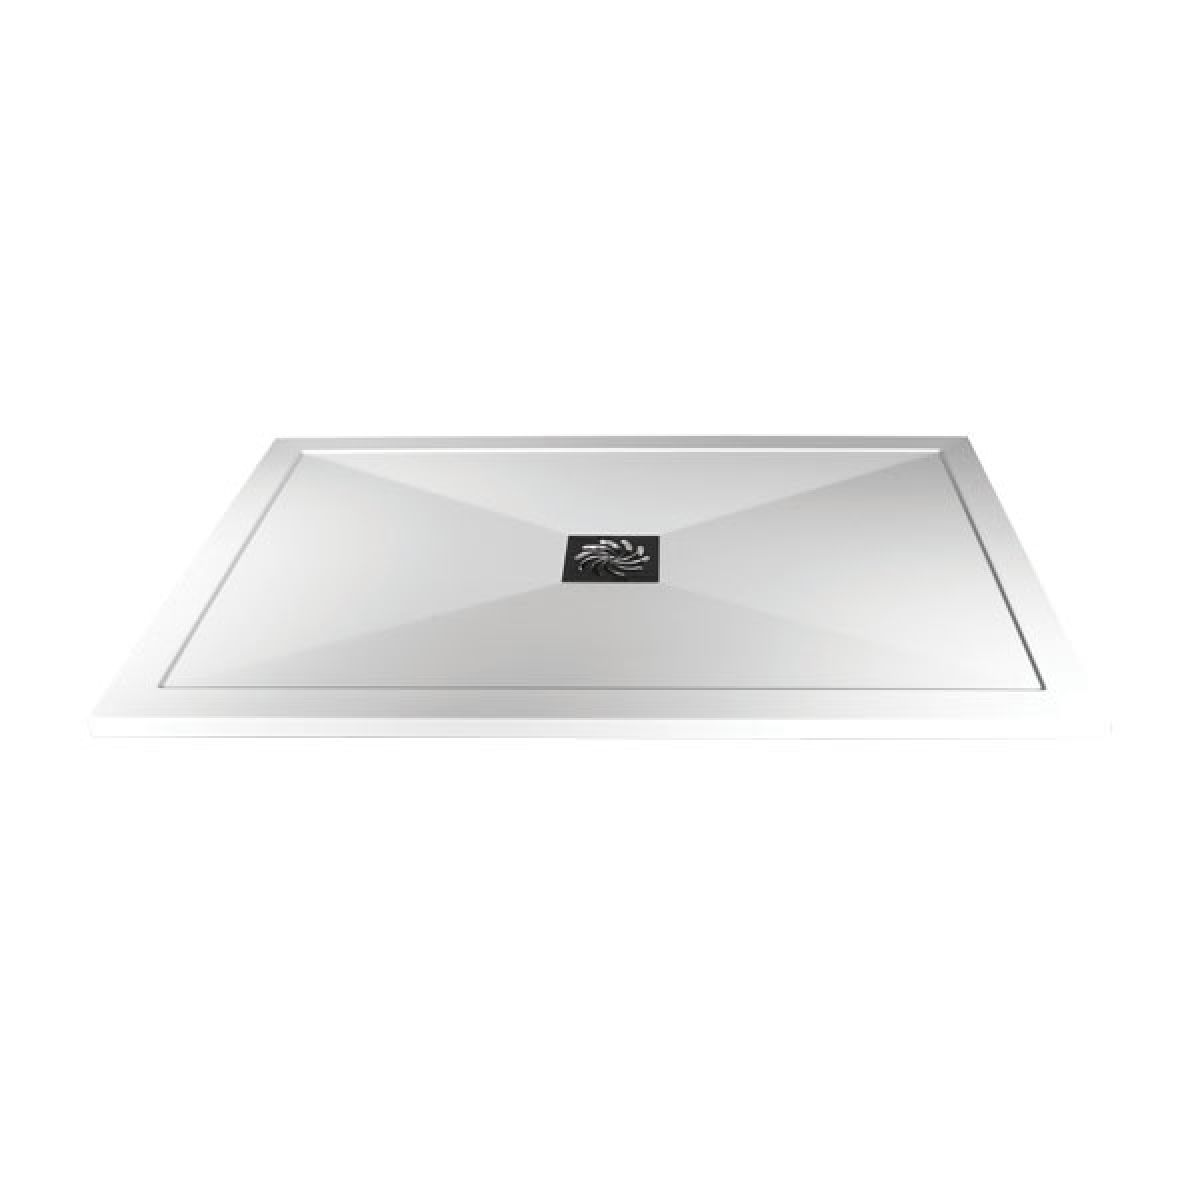 Frontline Slimline Rectangular Shower Tray 1700 x 760mm